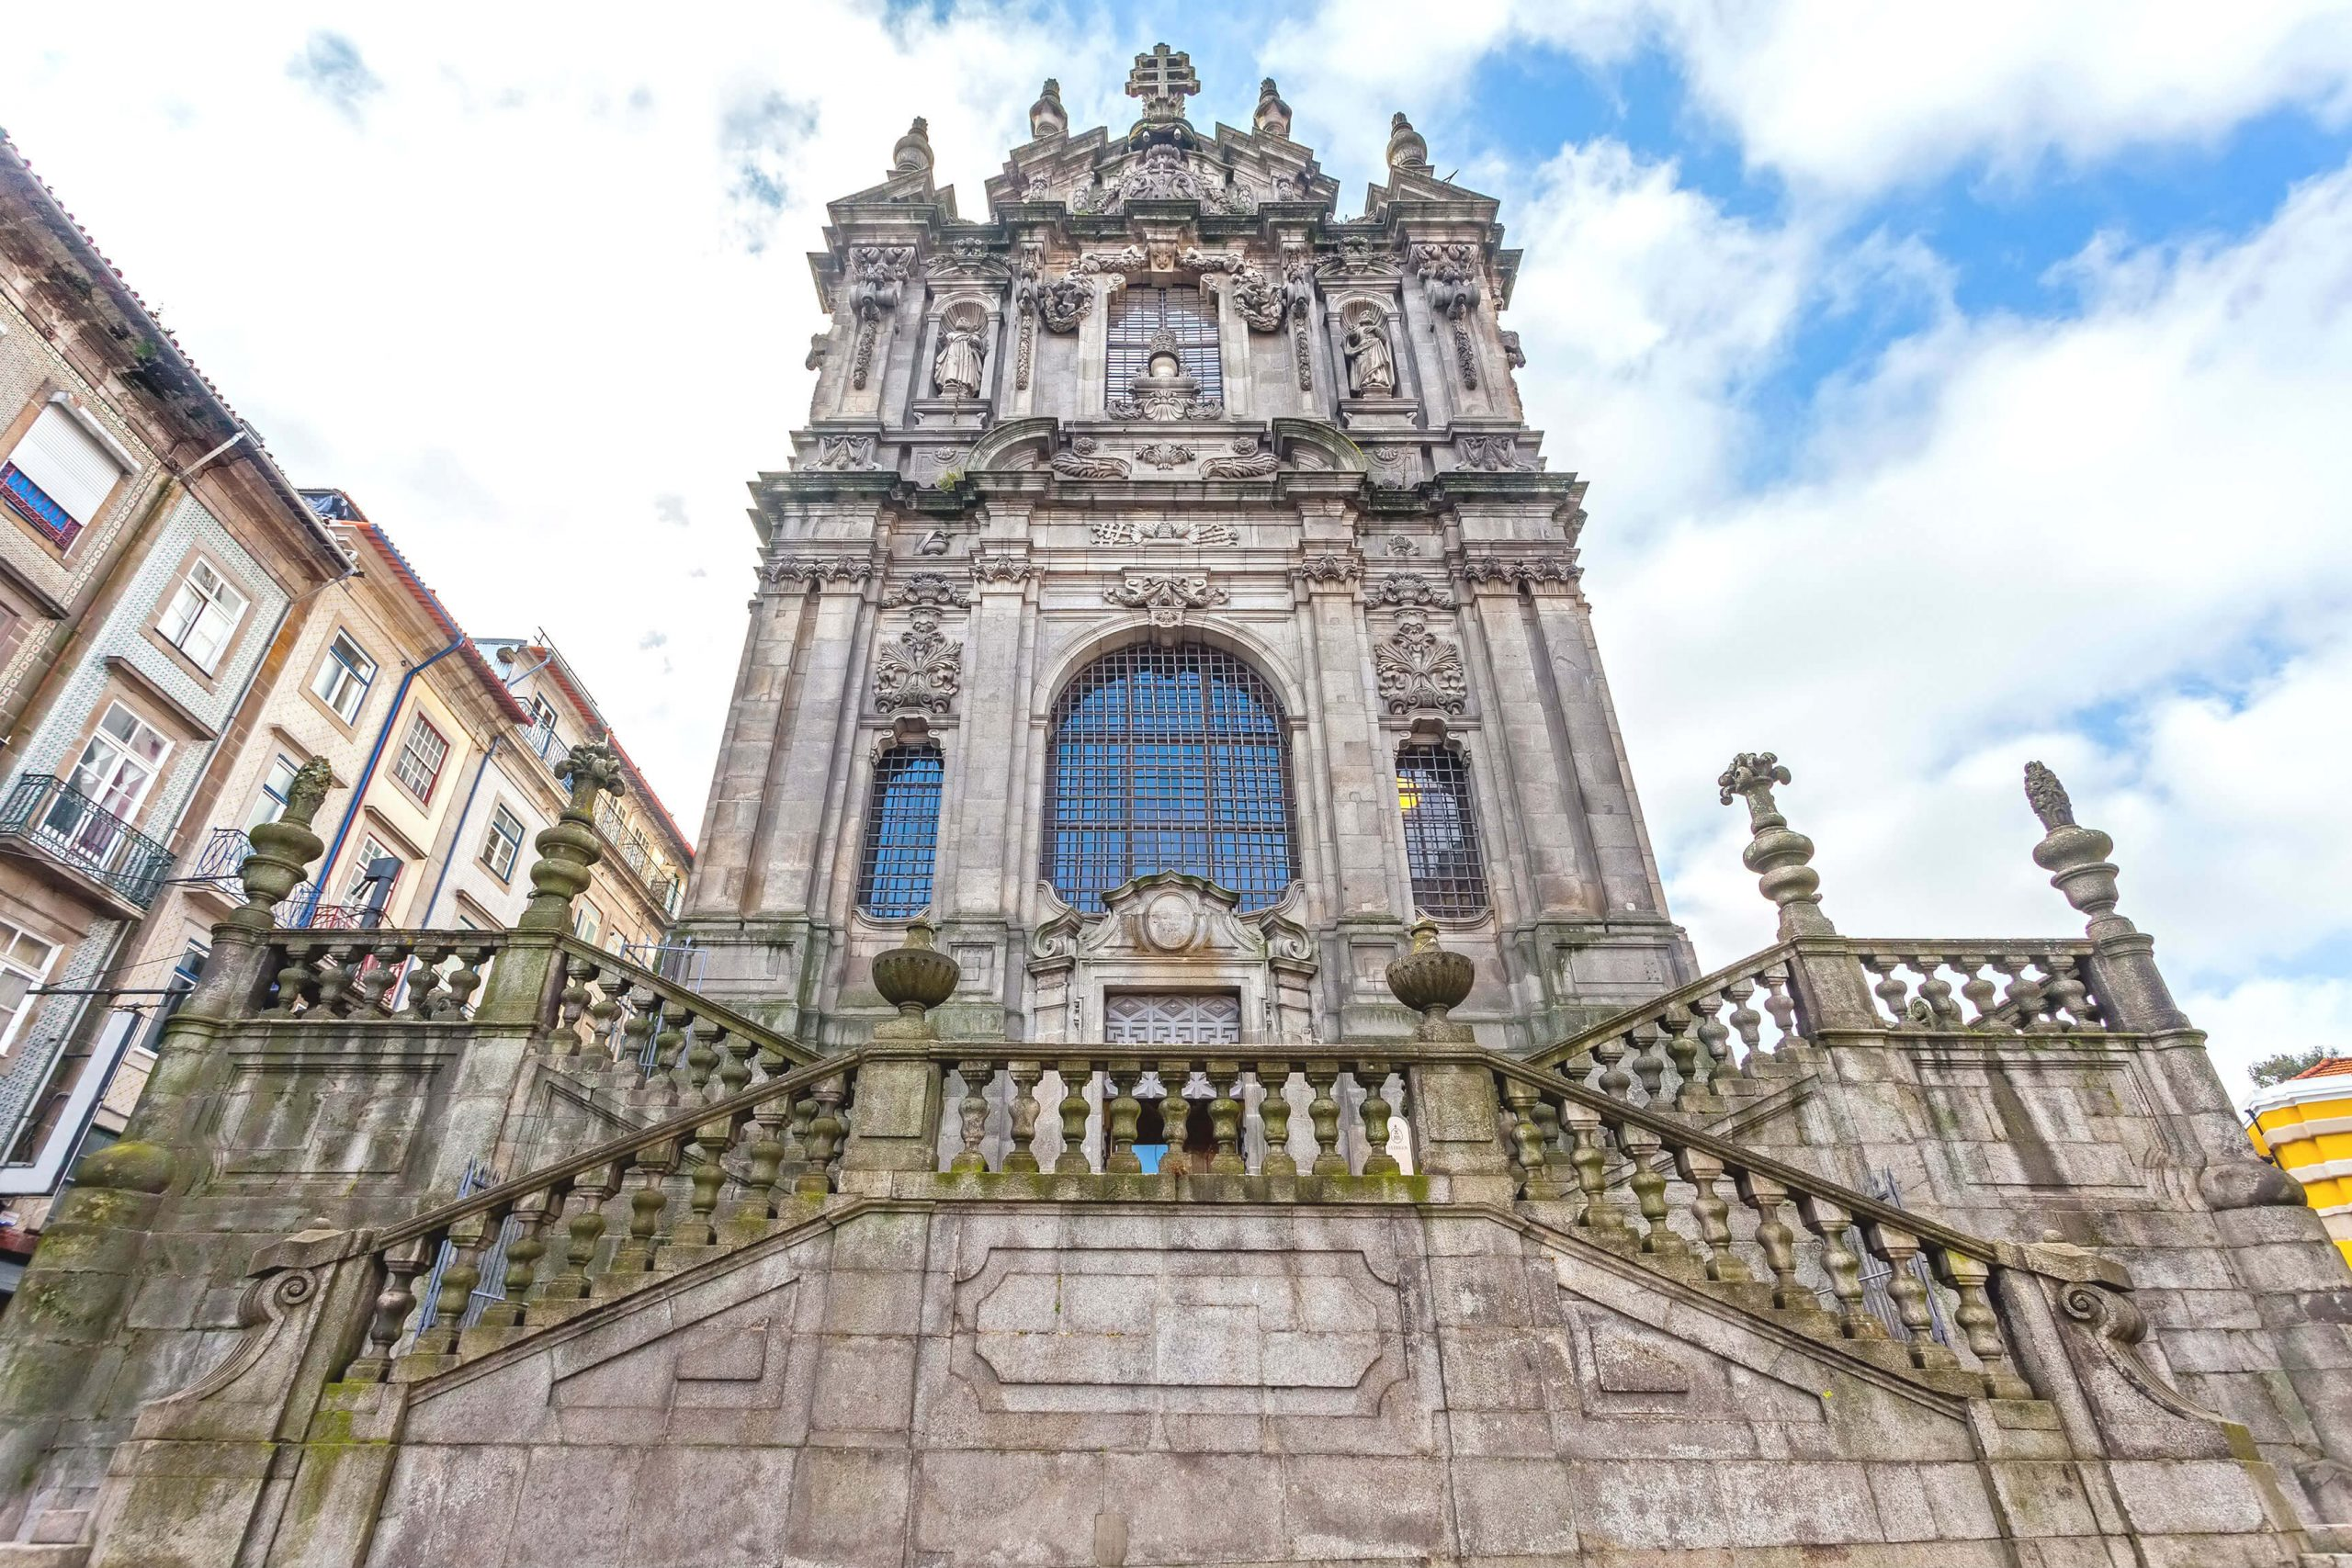 برج کلریگوس پورتو پرتغال از نمای نزدیک